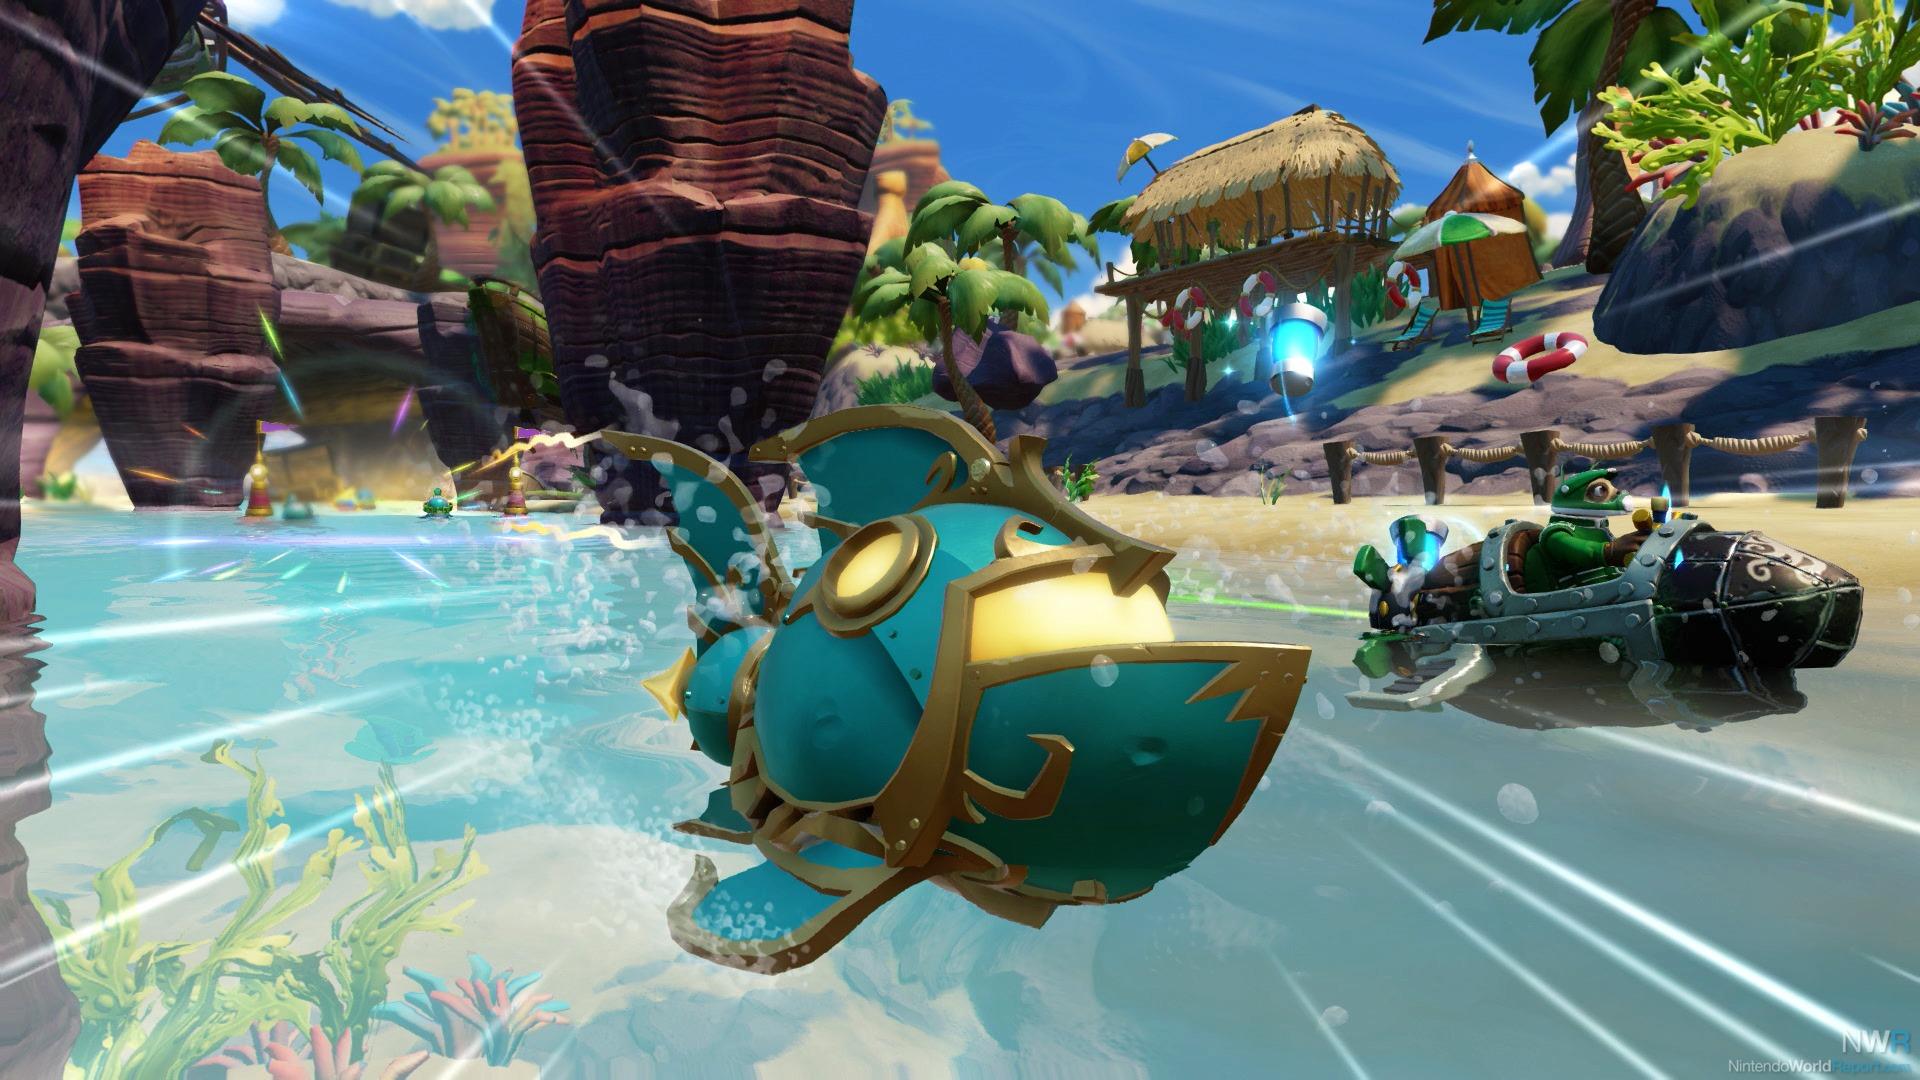 Play Skylanders Online Games - Skylanders Video Game